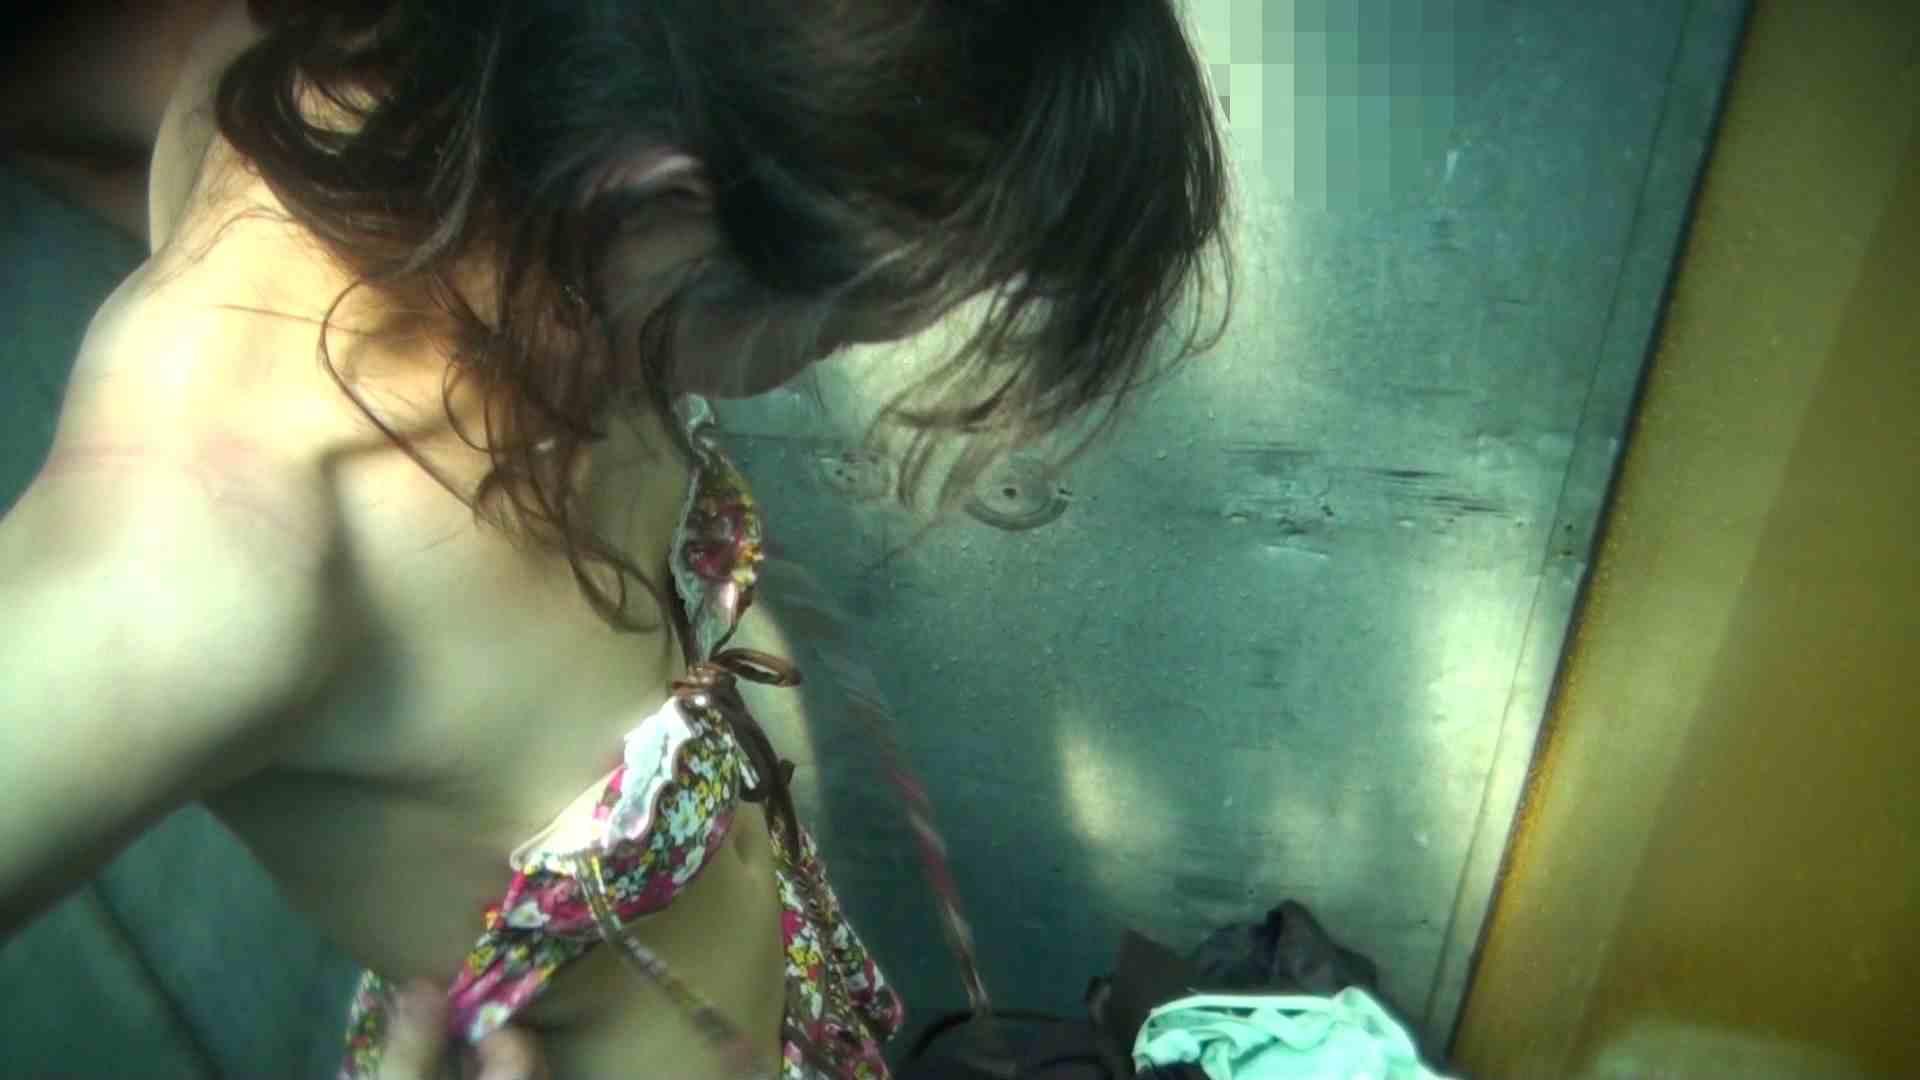 シャワールームは超!!危険な香りVol.16 意外に乳首は年増のそれ エロティックなOL   乳首  105画像 26